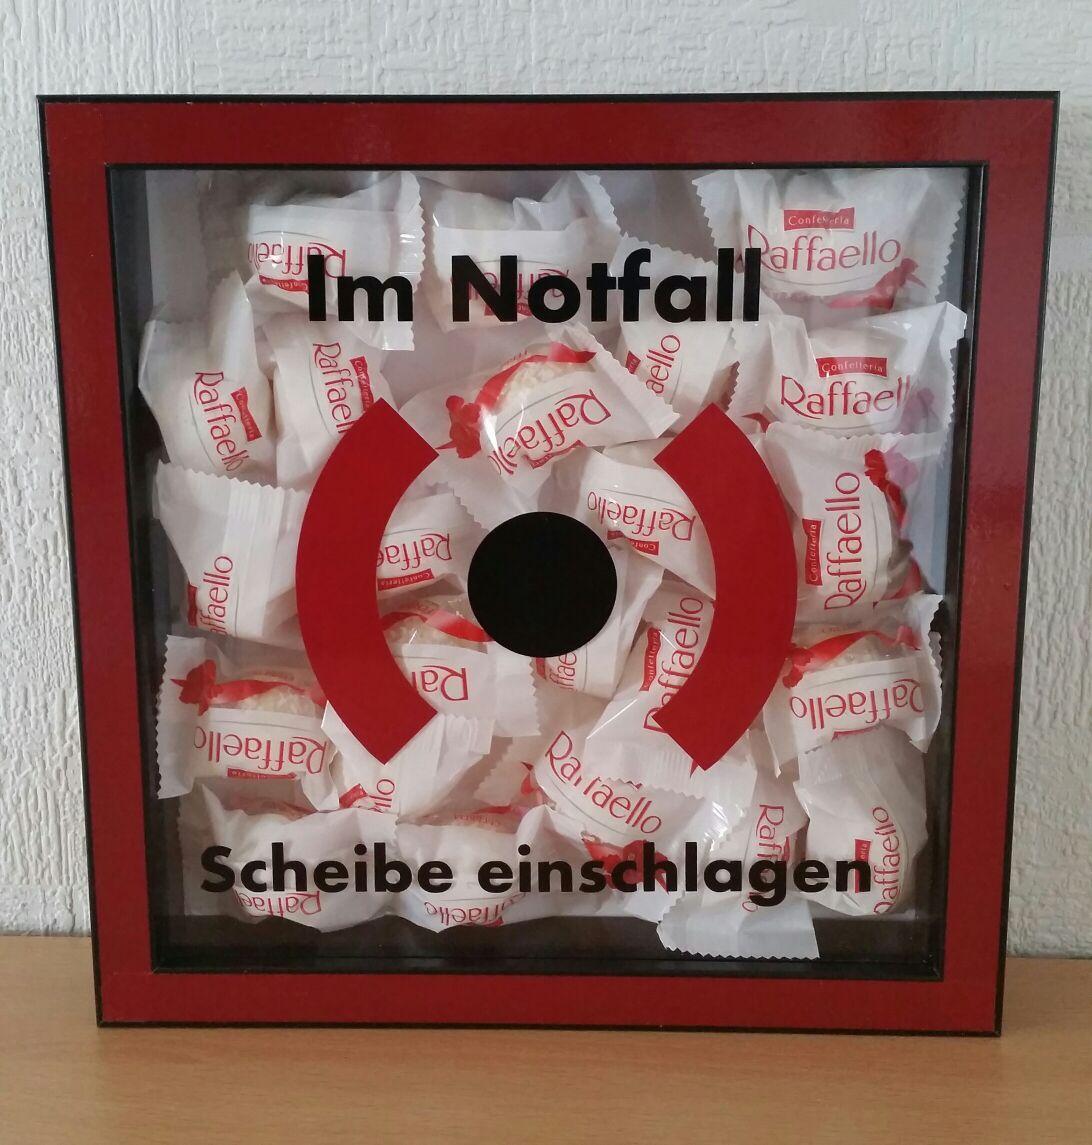 Notfall Ribba Rahmen für einen 50. Geburtstag | Lustige Bilder ...